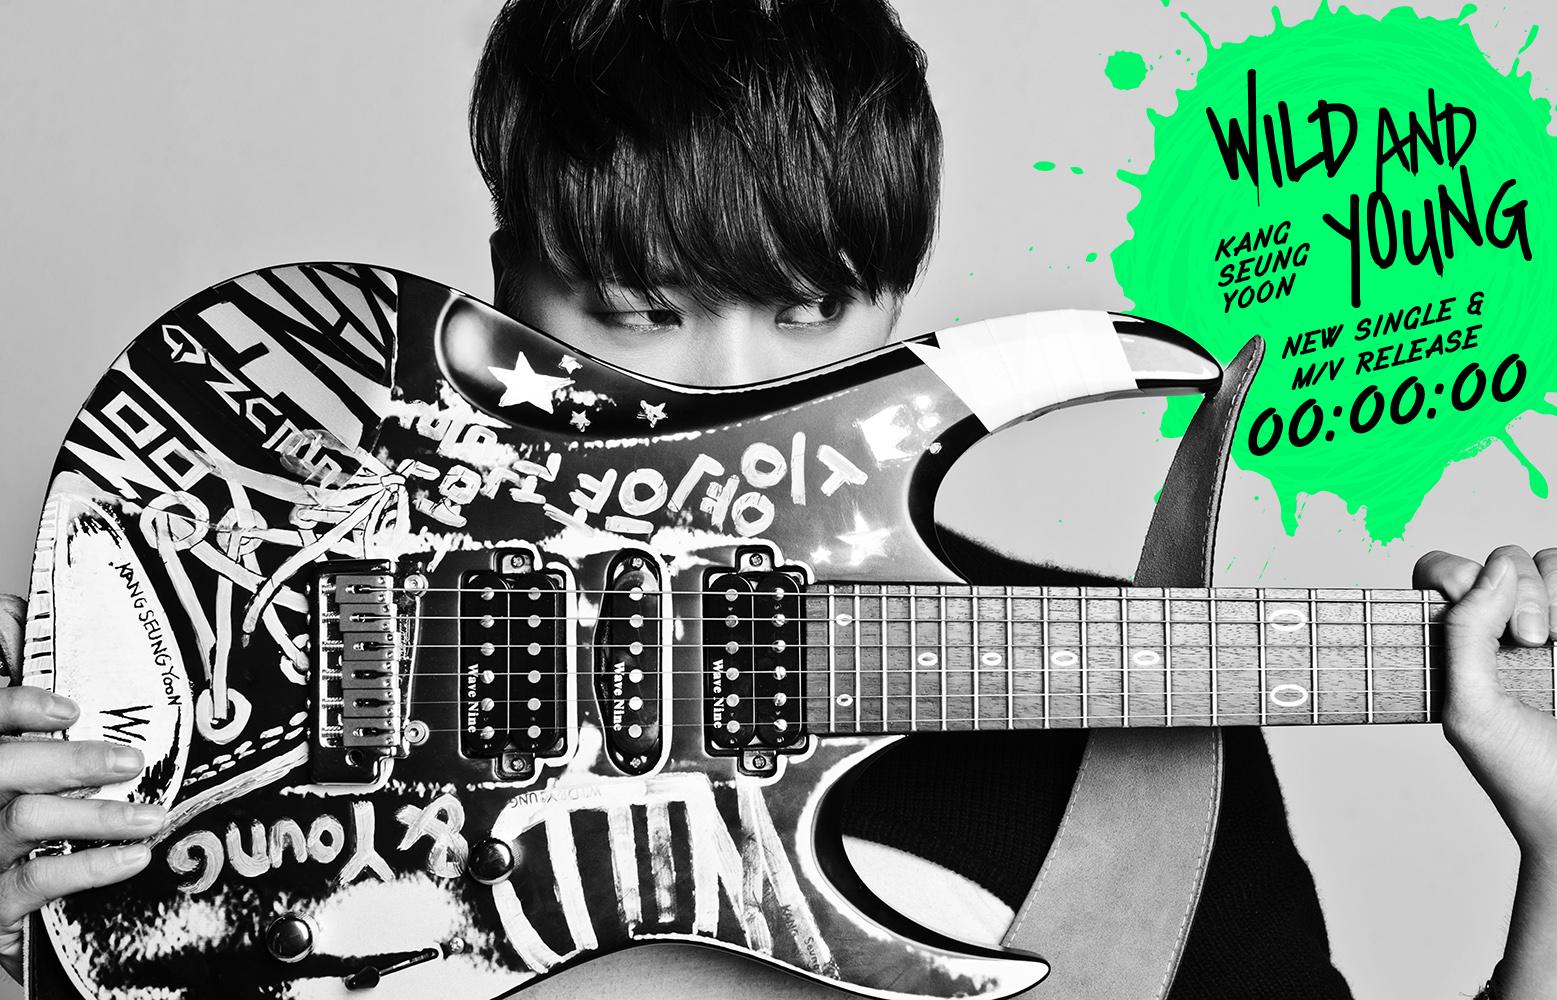 강승윤-WILD-AND-YOUNG-LYRIC-KANG-SEUNG-YOON